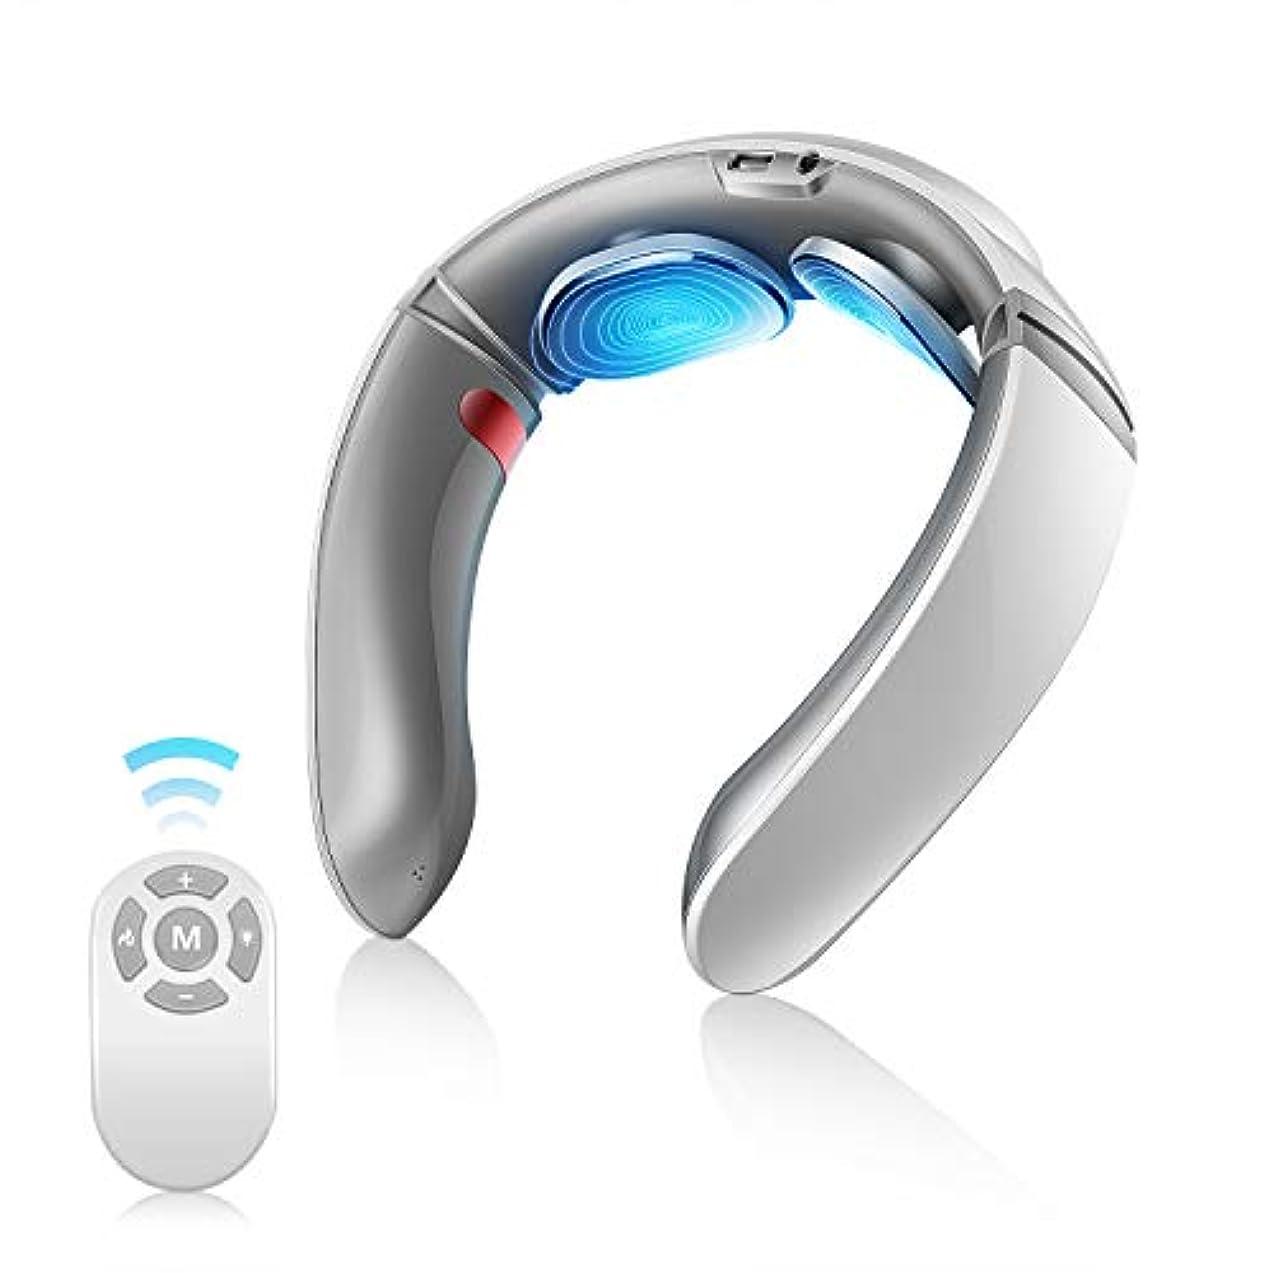 満たすすぐに一人で首マッサージャー フットマッサージャー マッサージ器 マッサージクッション ヒーター付き ストレス解消 多機能 家庭用&職場用&車用USB充電式 プレゼント